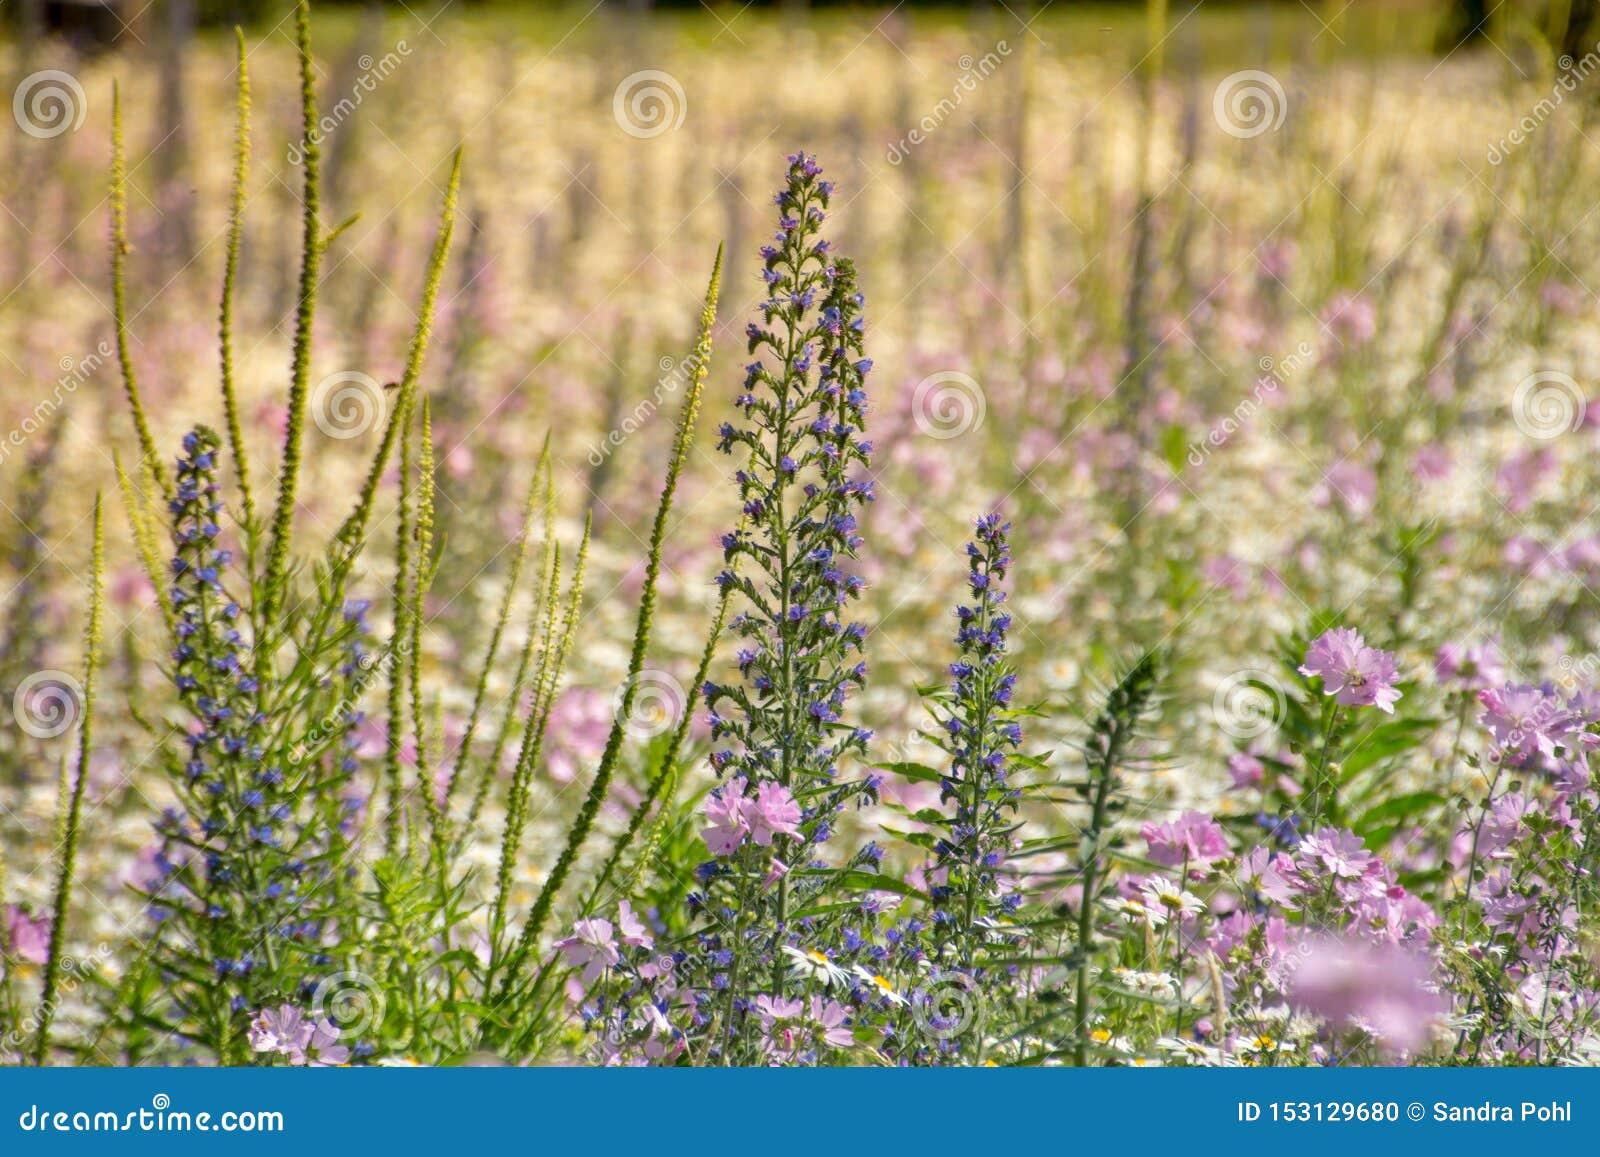 Violeta violeta natural do prado das flores